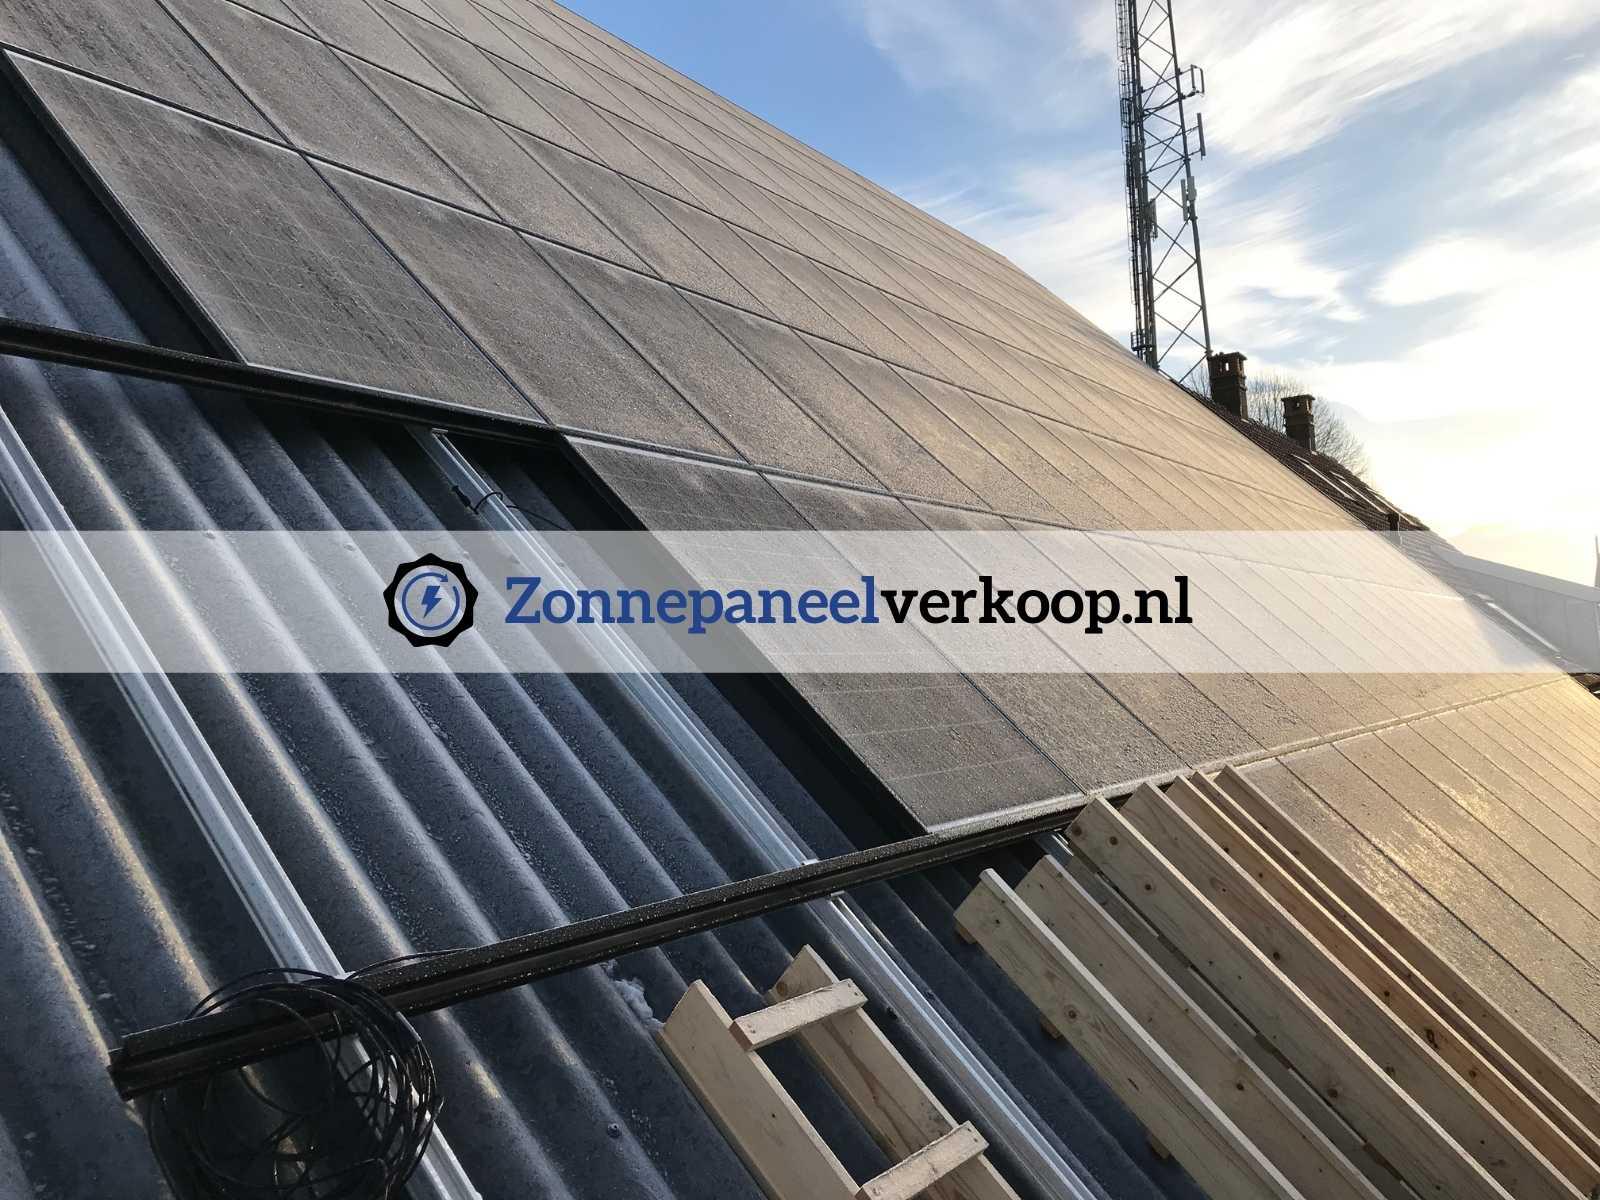 zonnepaneel montage